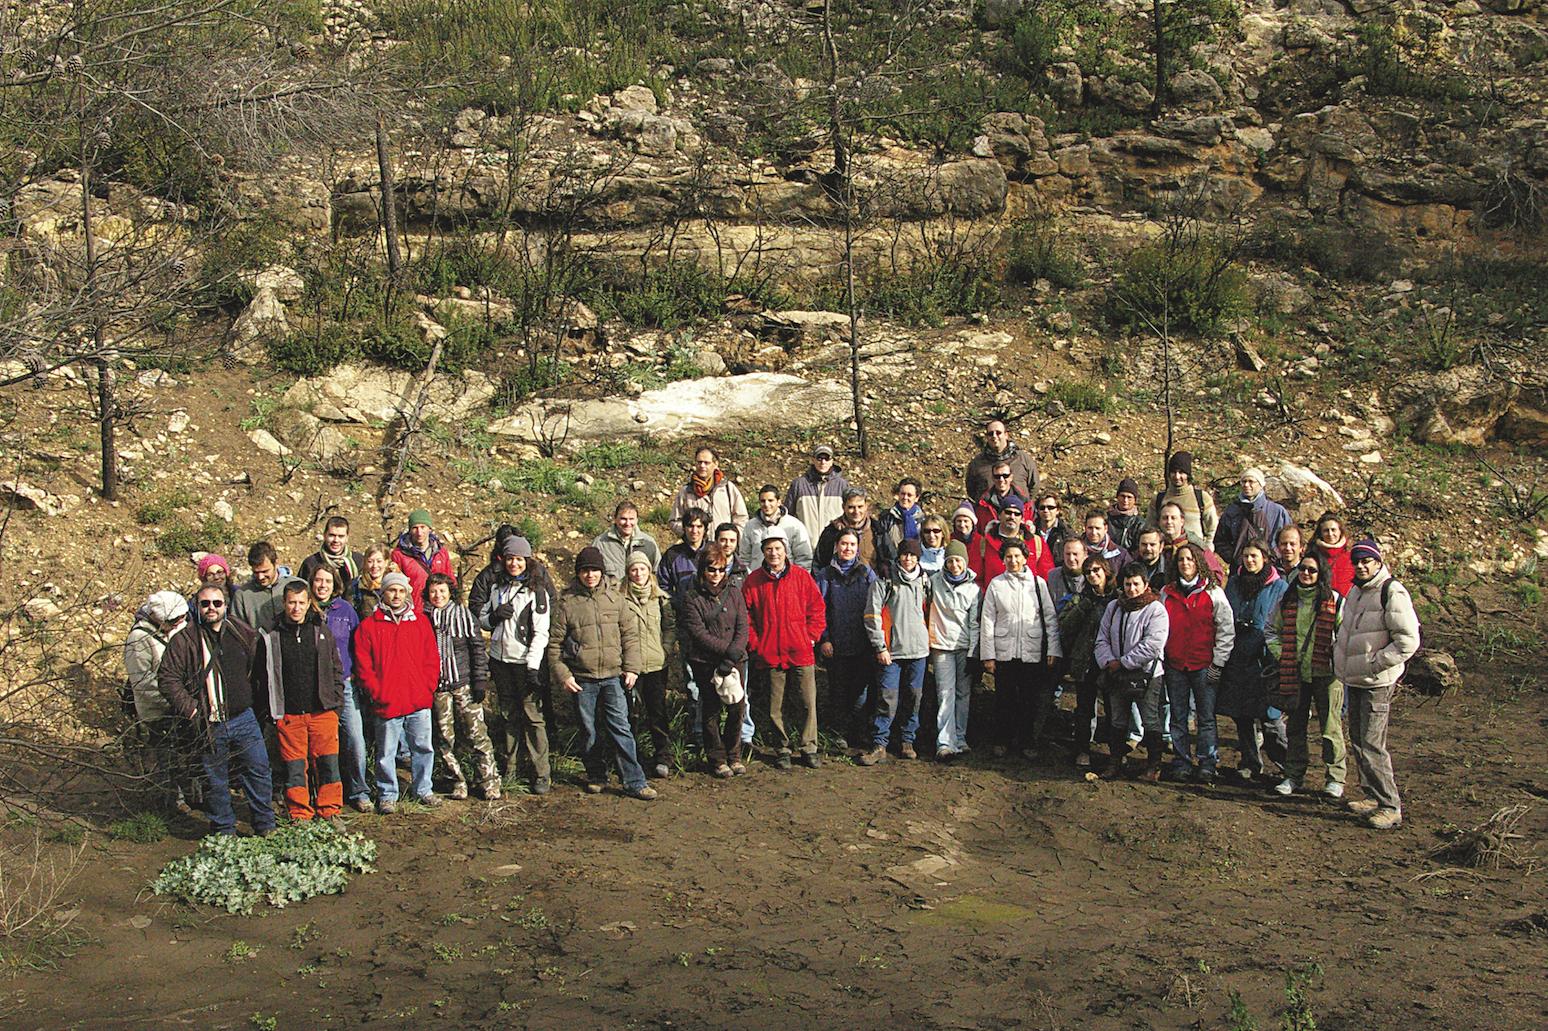 Primera reunión de Fuegored en 2008 en Alicante y Valencia